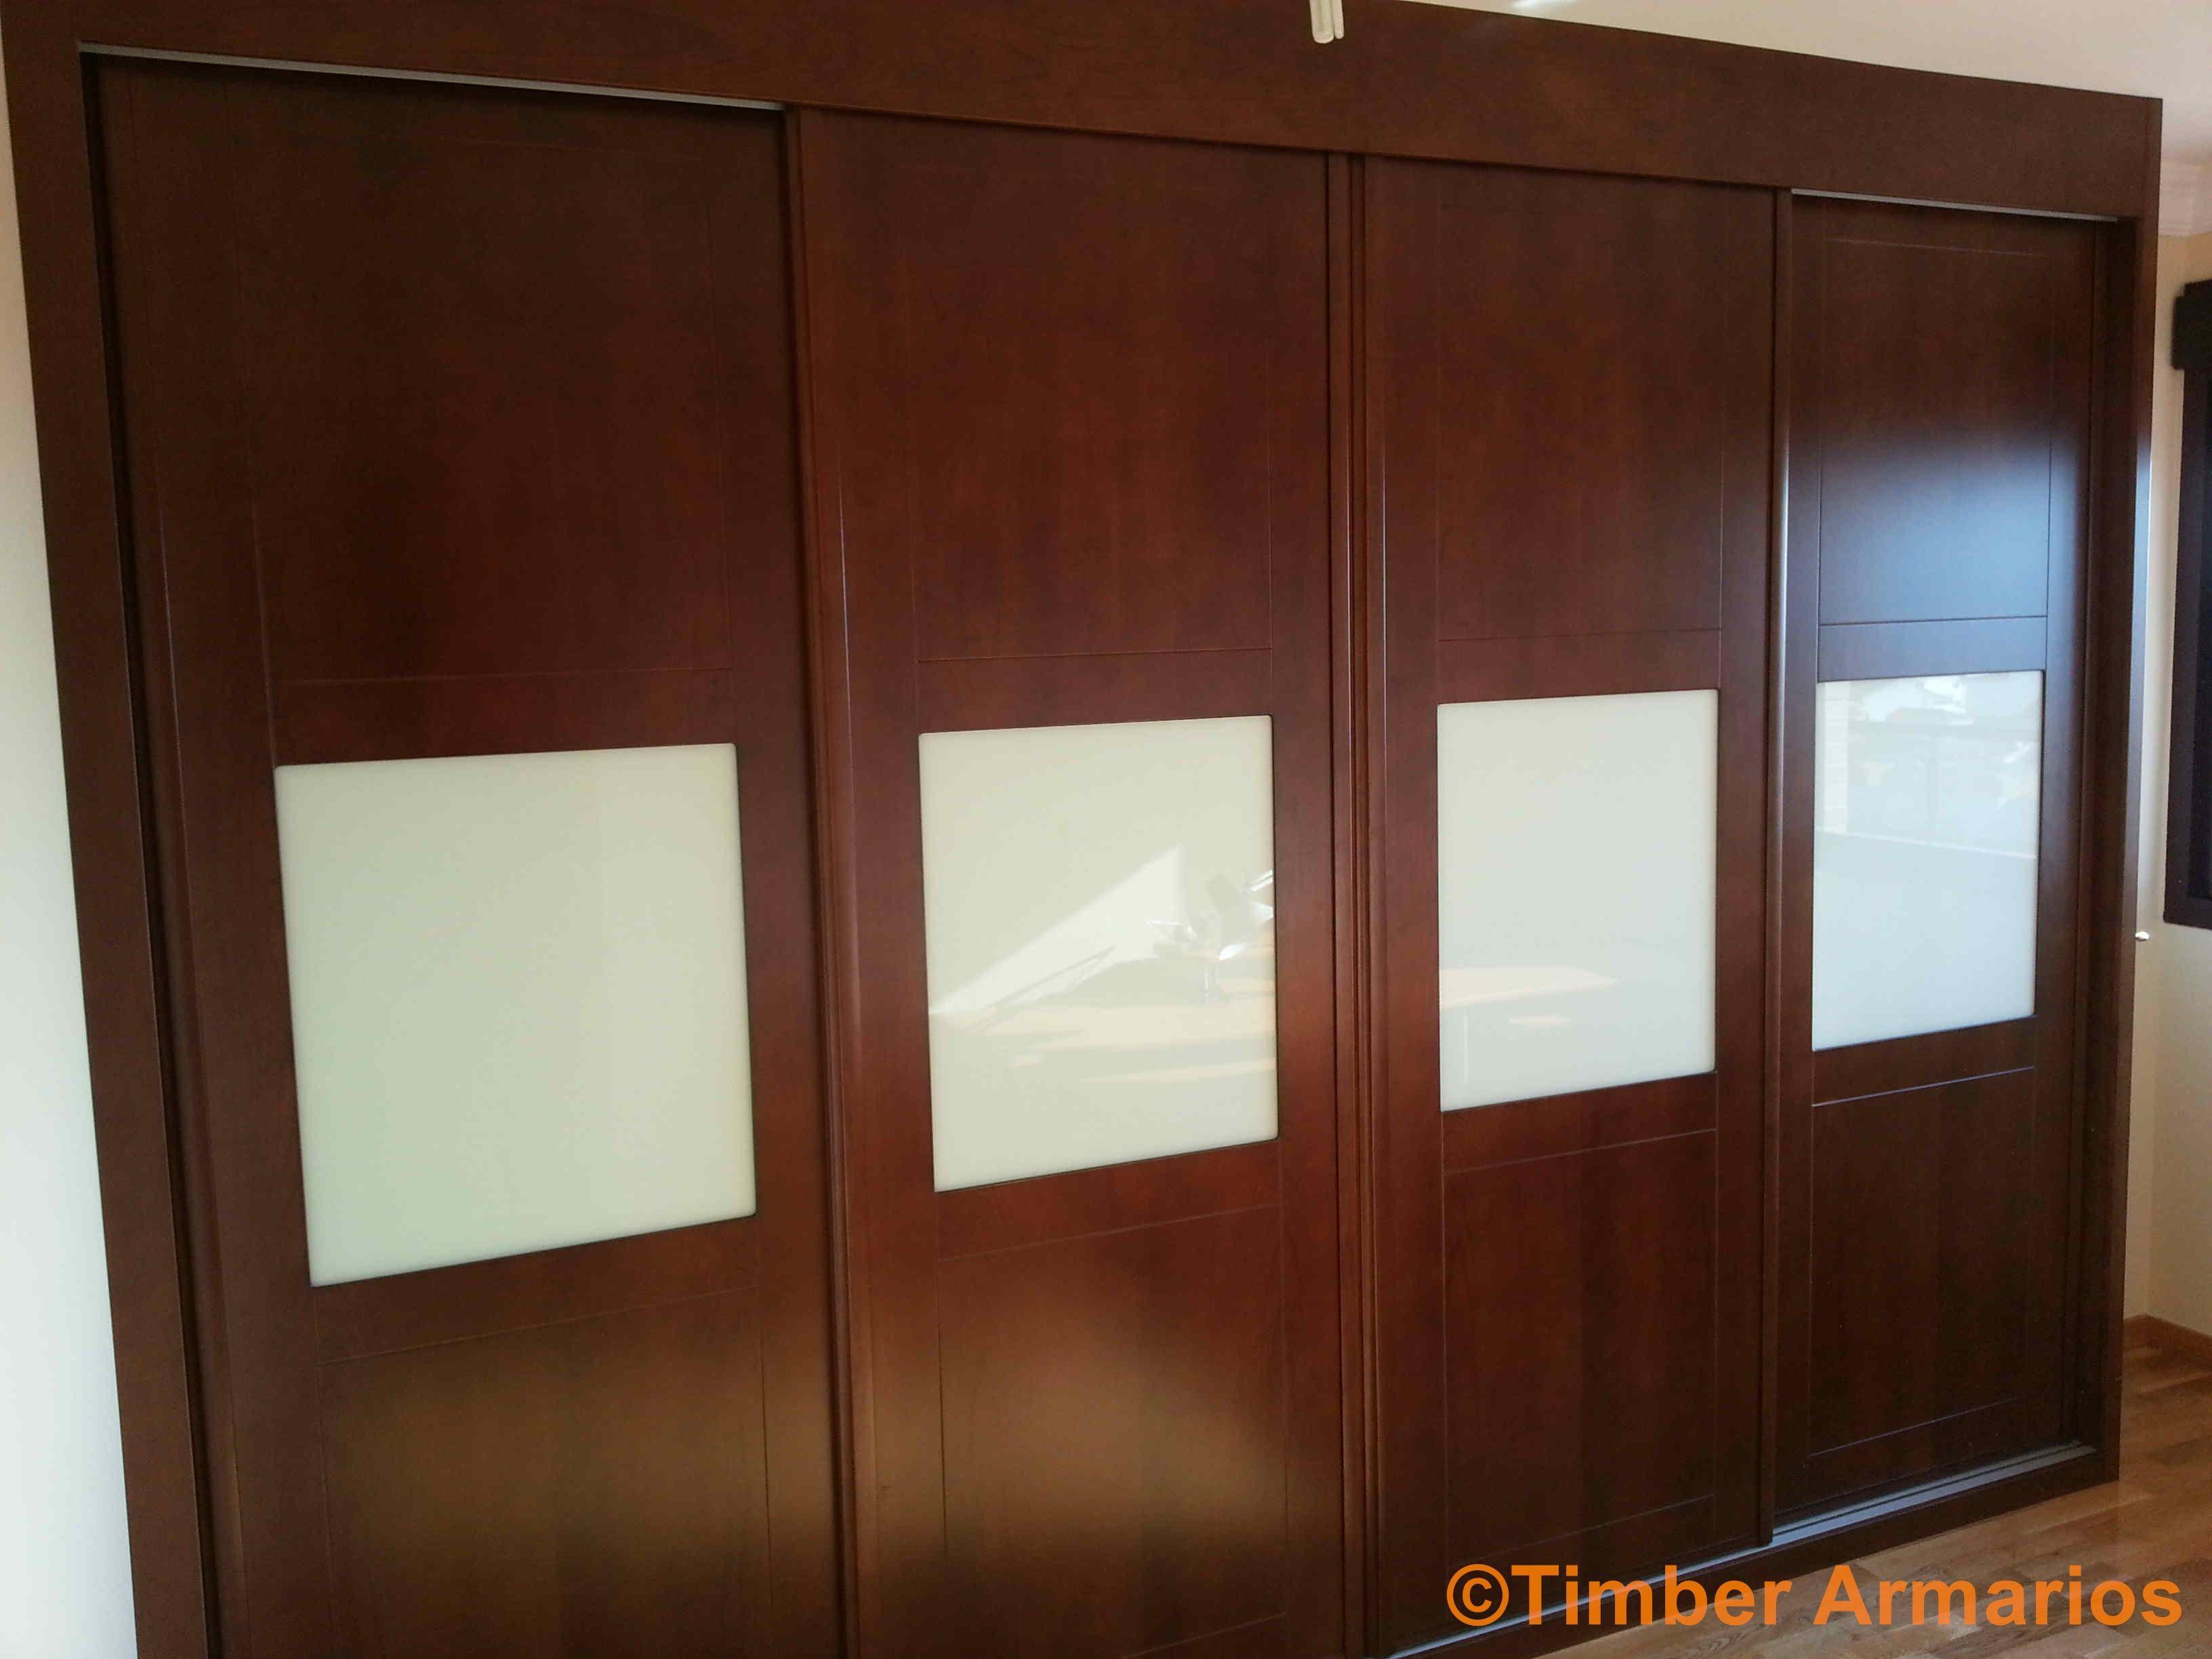 Imagenes de armarios empotrados simple armarios - Decorar armario empotrado ...